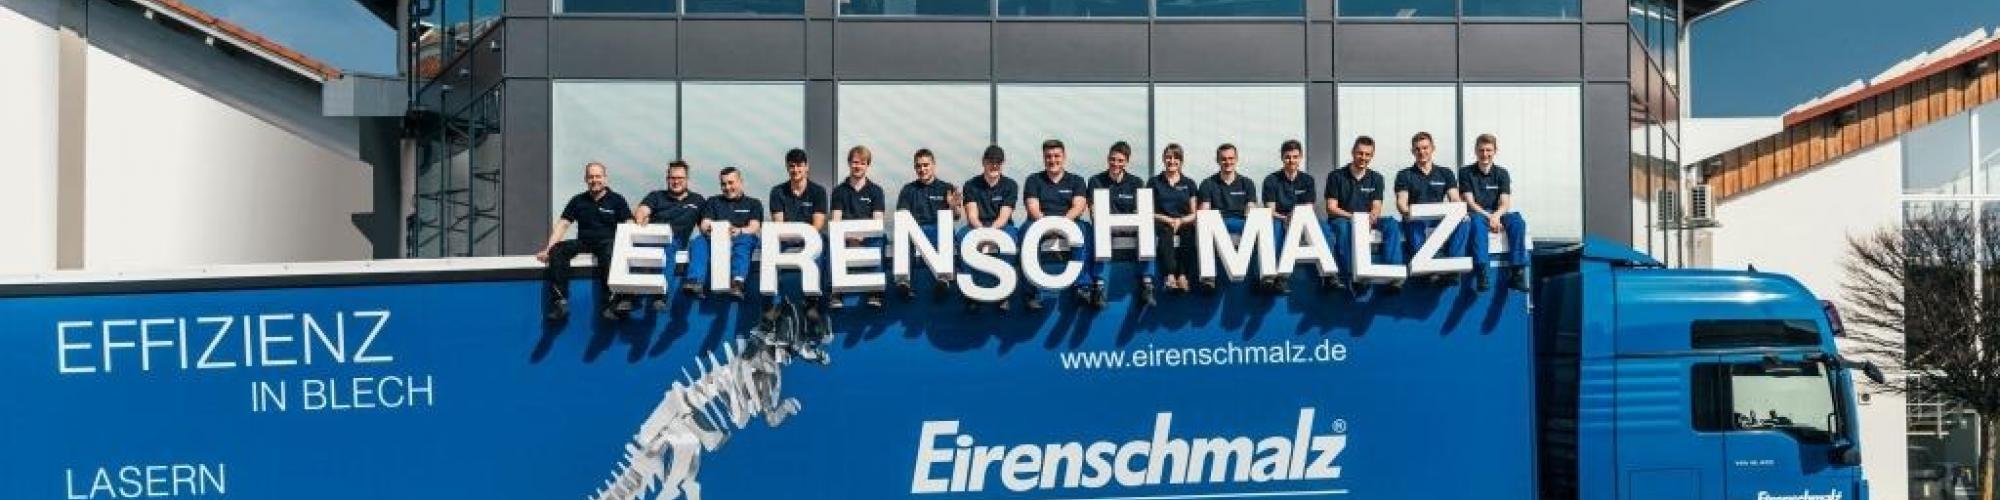 Eirenschmalz Maschinenbaumechanik und Metallbau GmbH